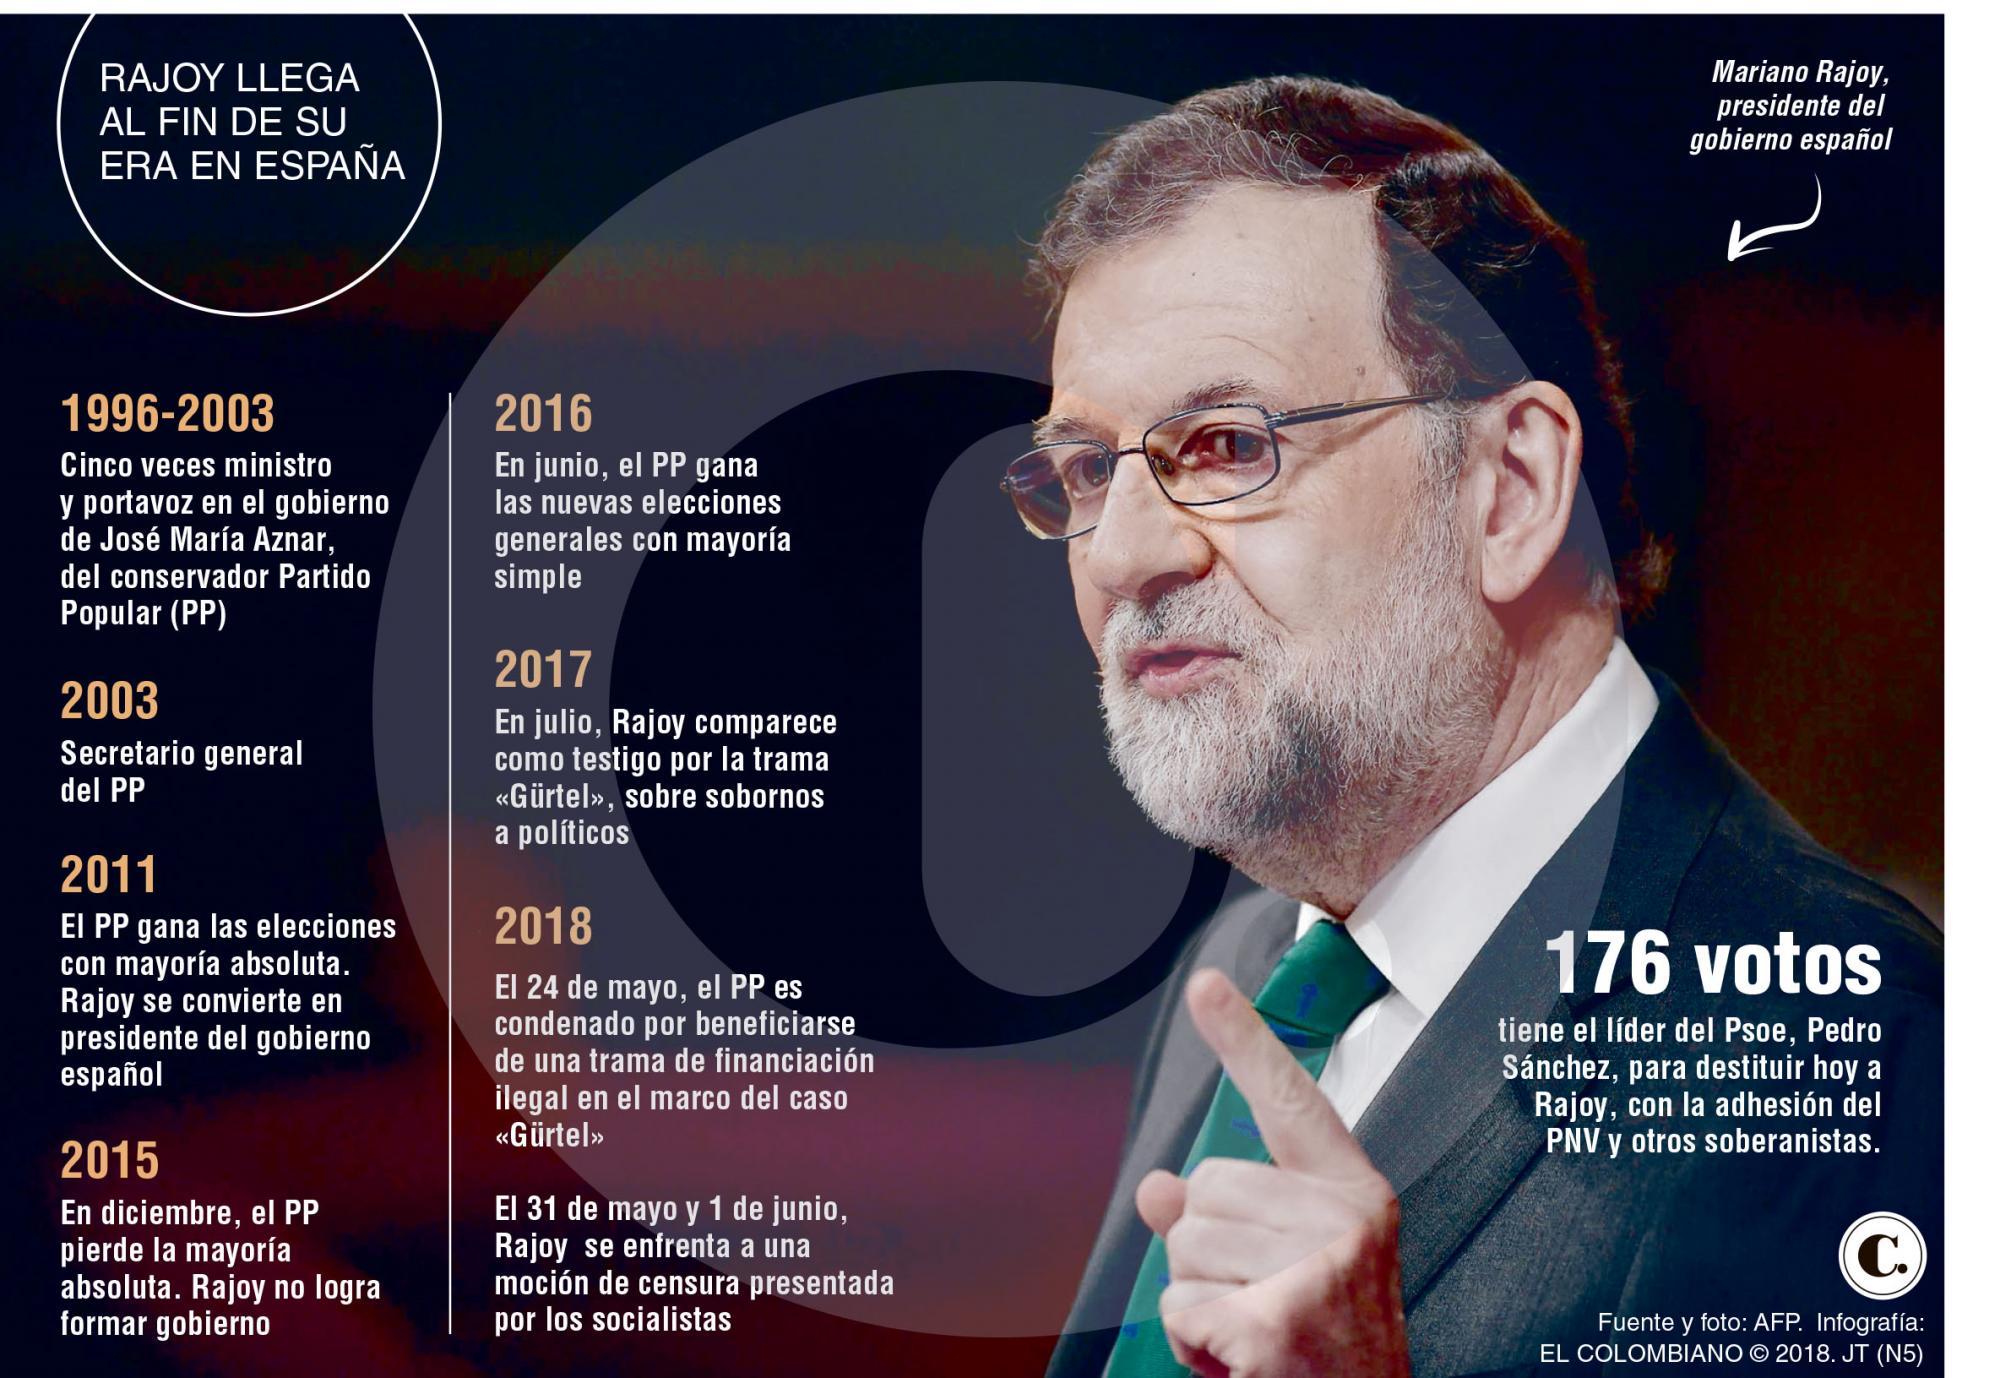 Rajoy está al borde de su destitución en España